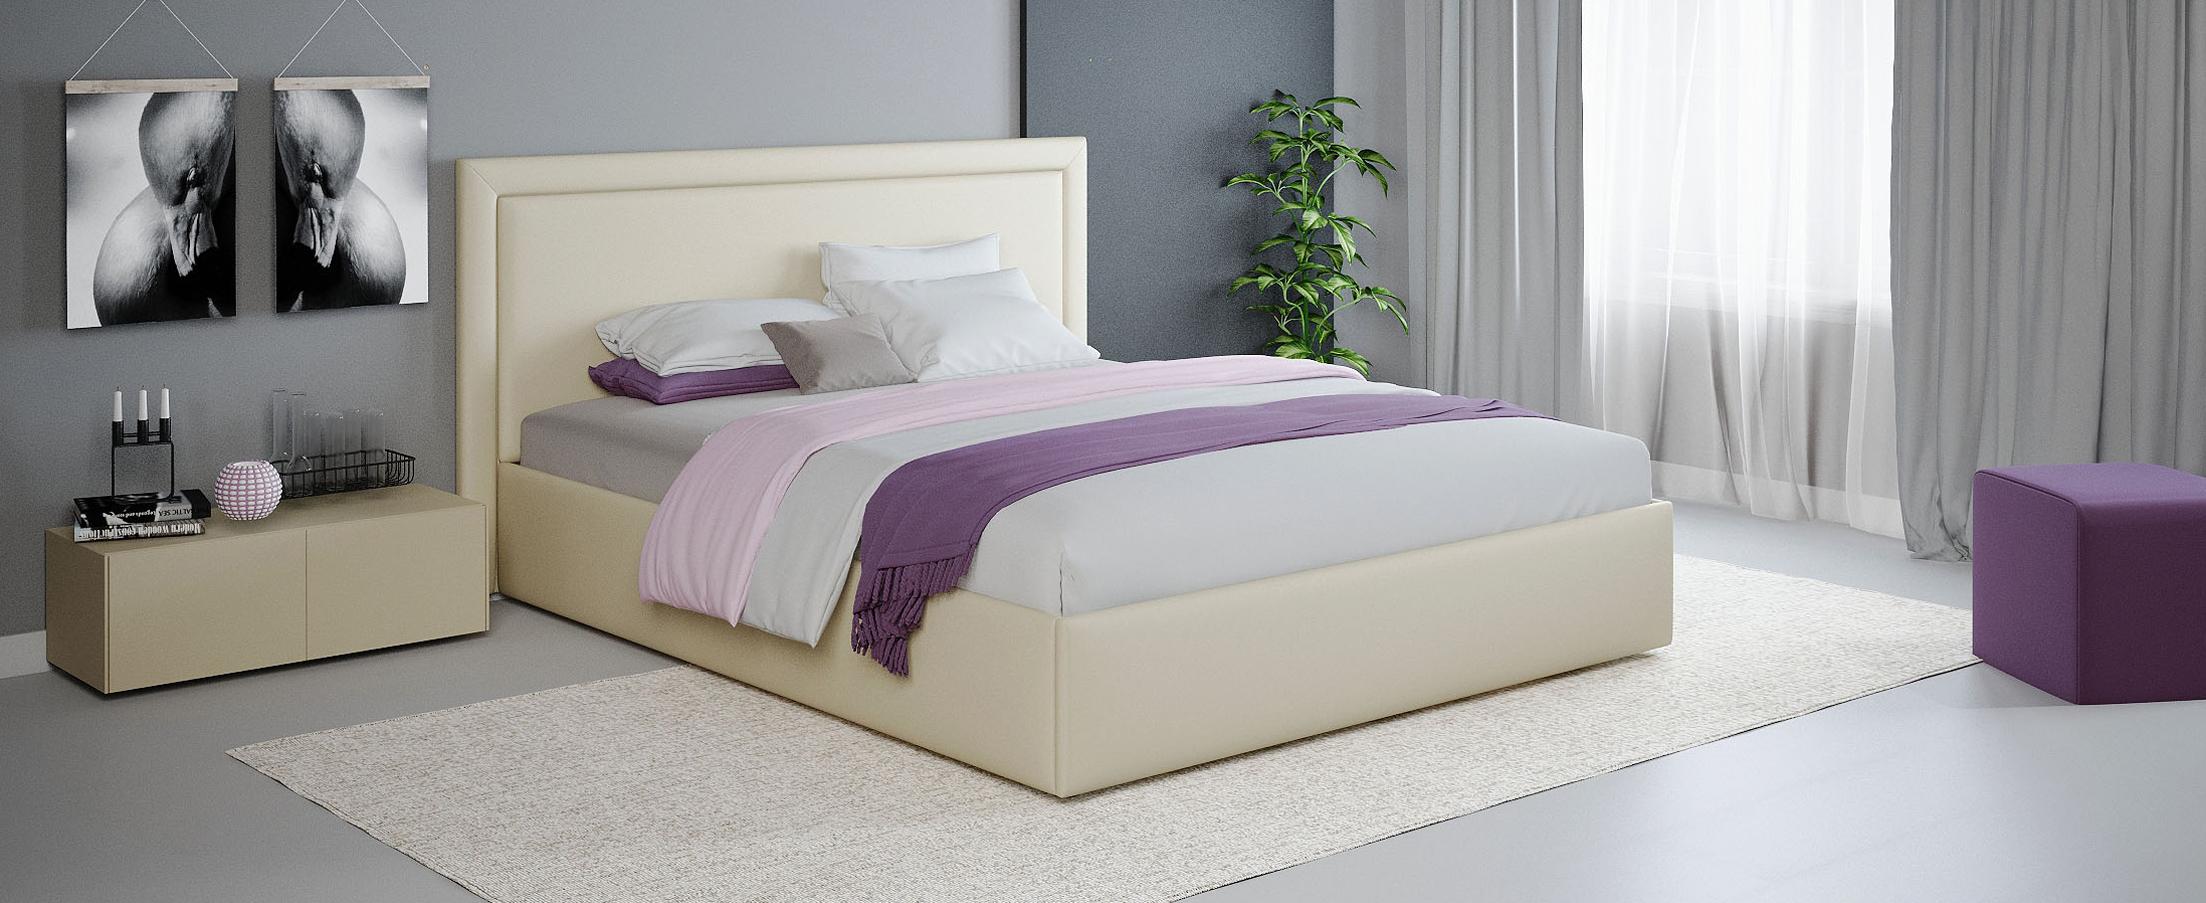 Кровать двуспальная Паола 140х200 Модель 1201Прямоугольная форма изголовья кровати Паола с мягкой рамой по краям напоминает собой картину. Простые строгие формы без лишних деталей позволяют вписать эту кровать в интерьер практически любого стилистического направления.<br><br>Ширина см: 165<br>Глубина см: 209<br>Высота см: 104<br>Ширина спального места см: 140<br>Глубина спального места см: 200<br>Встроенное основание: Есть<br>Материал каркаса: ЛДСП<br>Материал обивки: Экокожа<br>Подъемный механизм: Нет<br>Цвет: Белый<br>Код ткани: 36-148